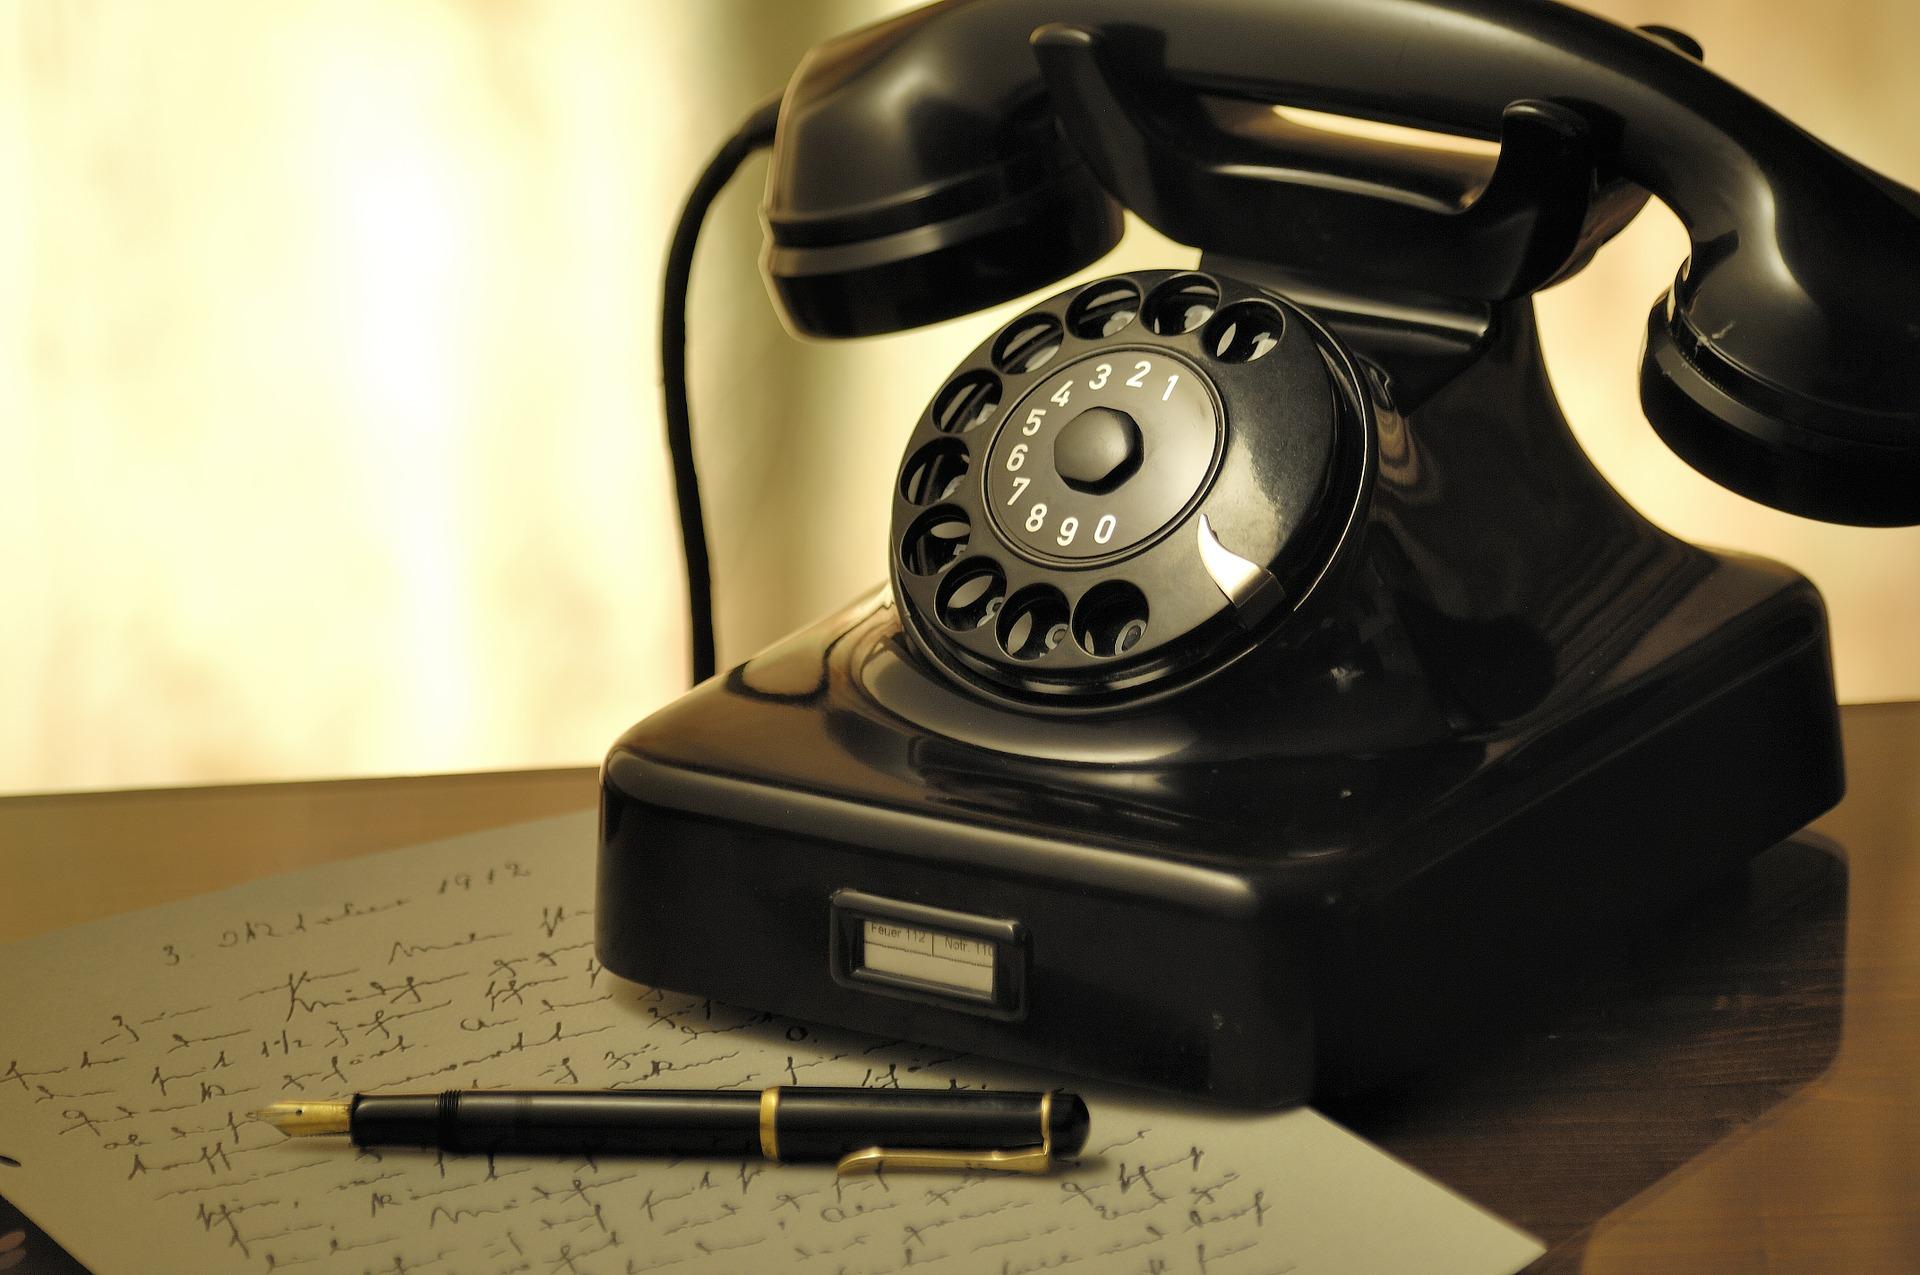 Kako je izumljen prvi telefon Izum telefona